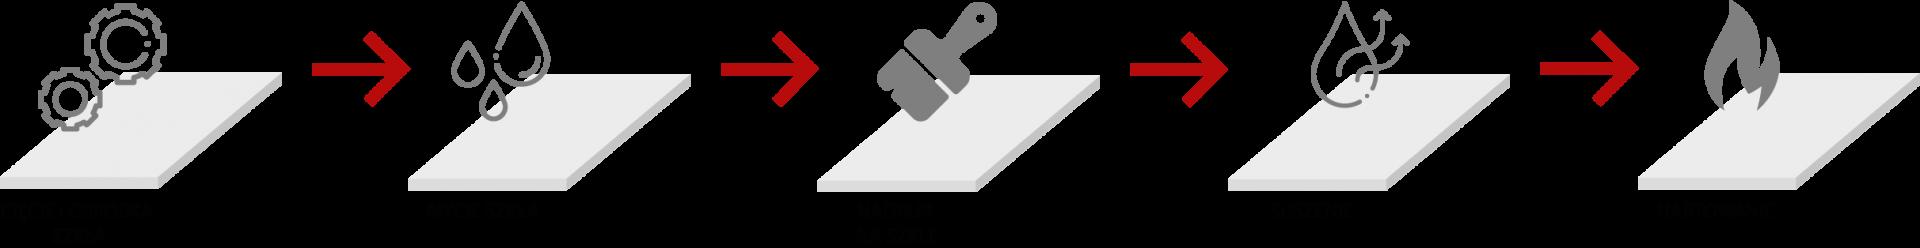 Proces powstawania szkła emaliowanego